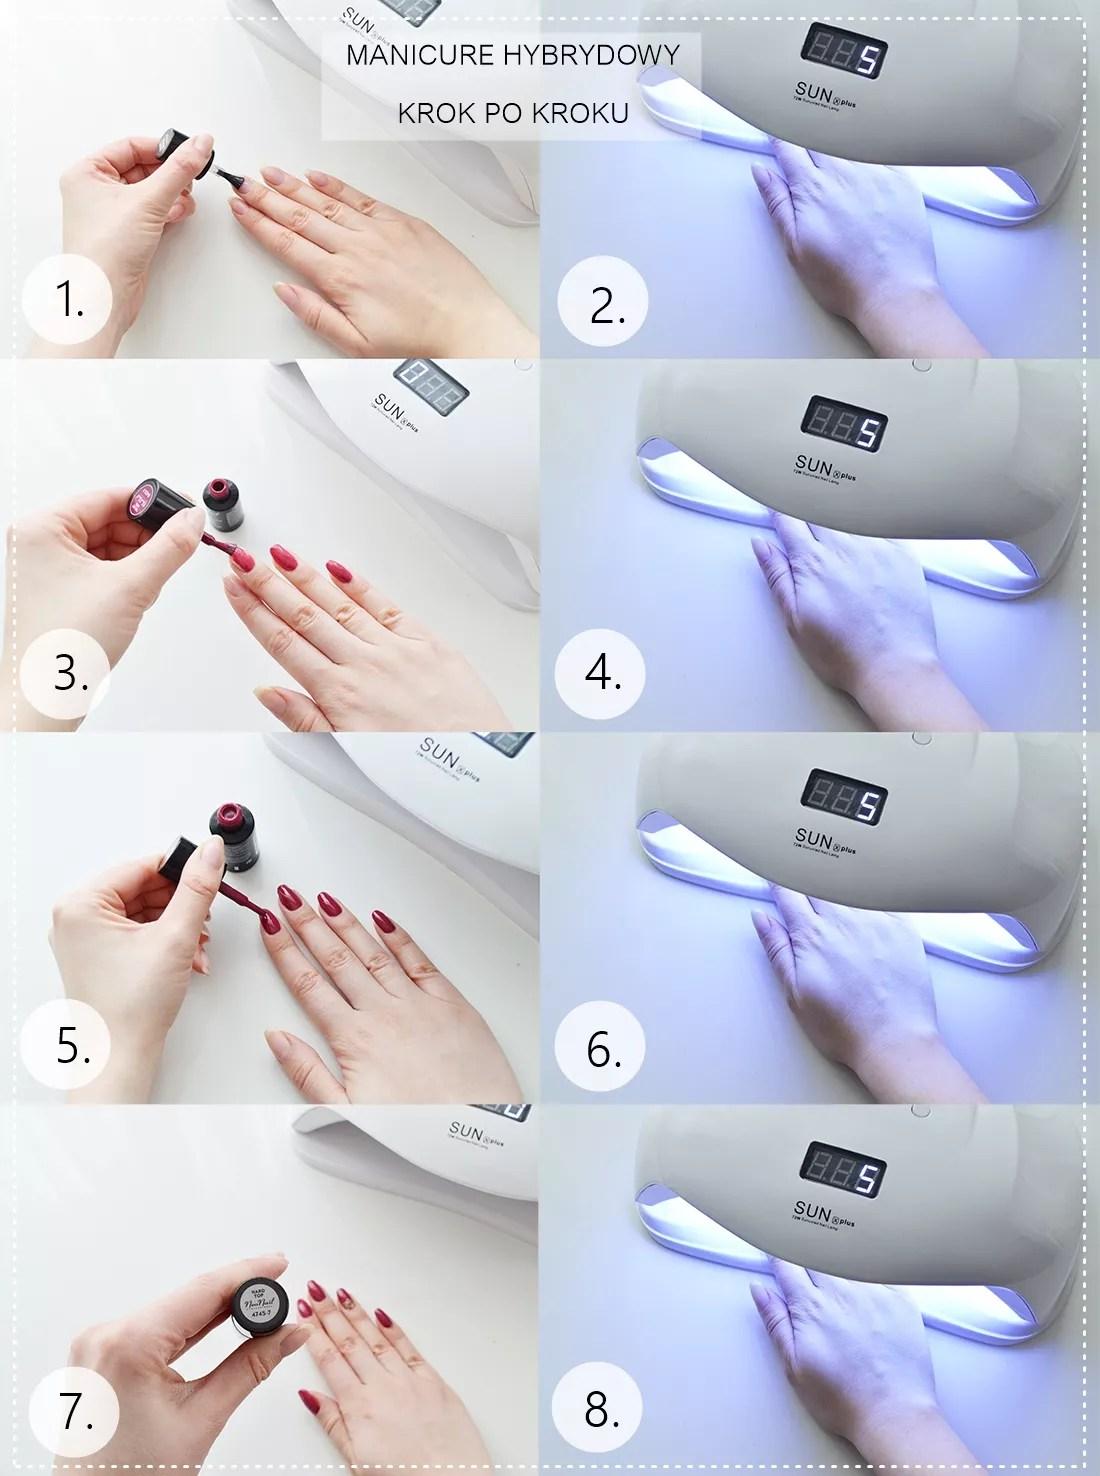 Jak Wykonac Manicure Hybrydowy Instrukcja Krok Po Kroku